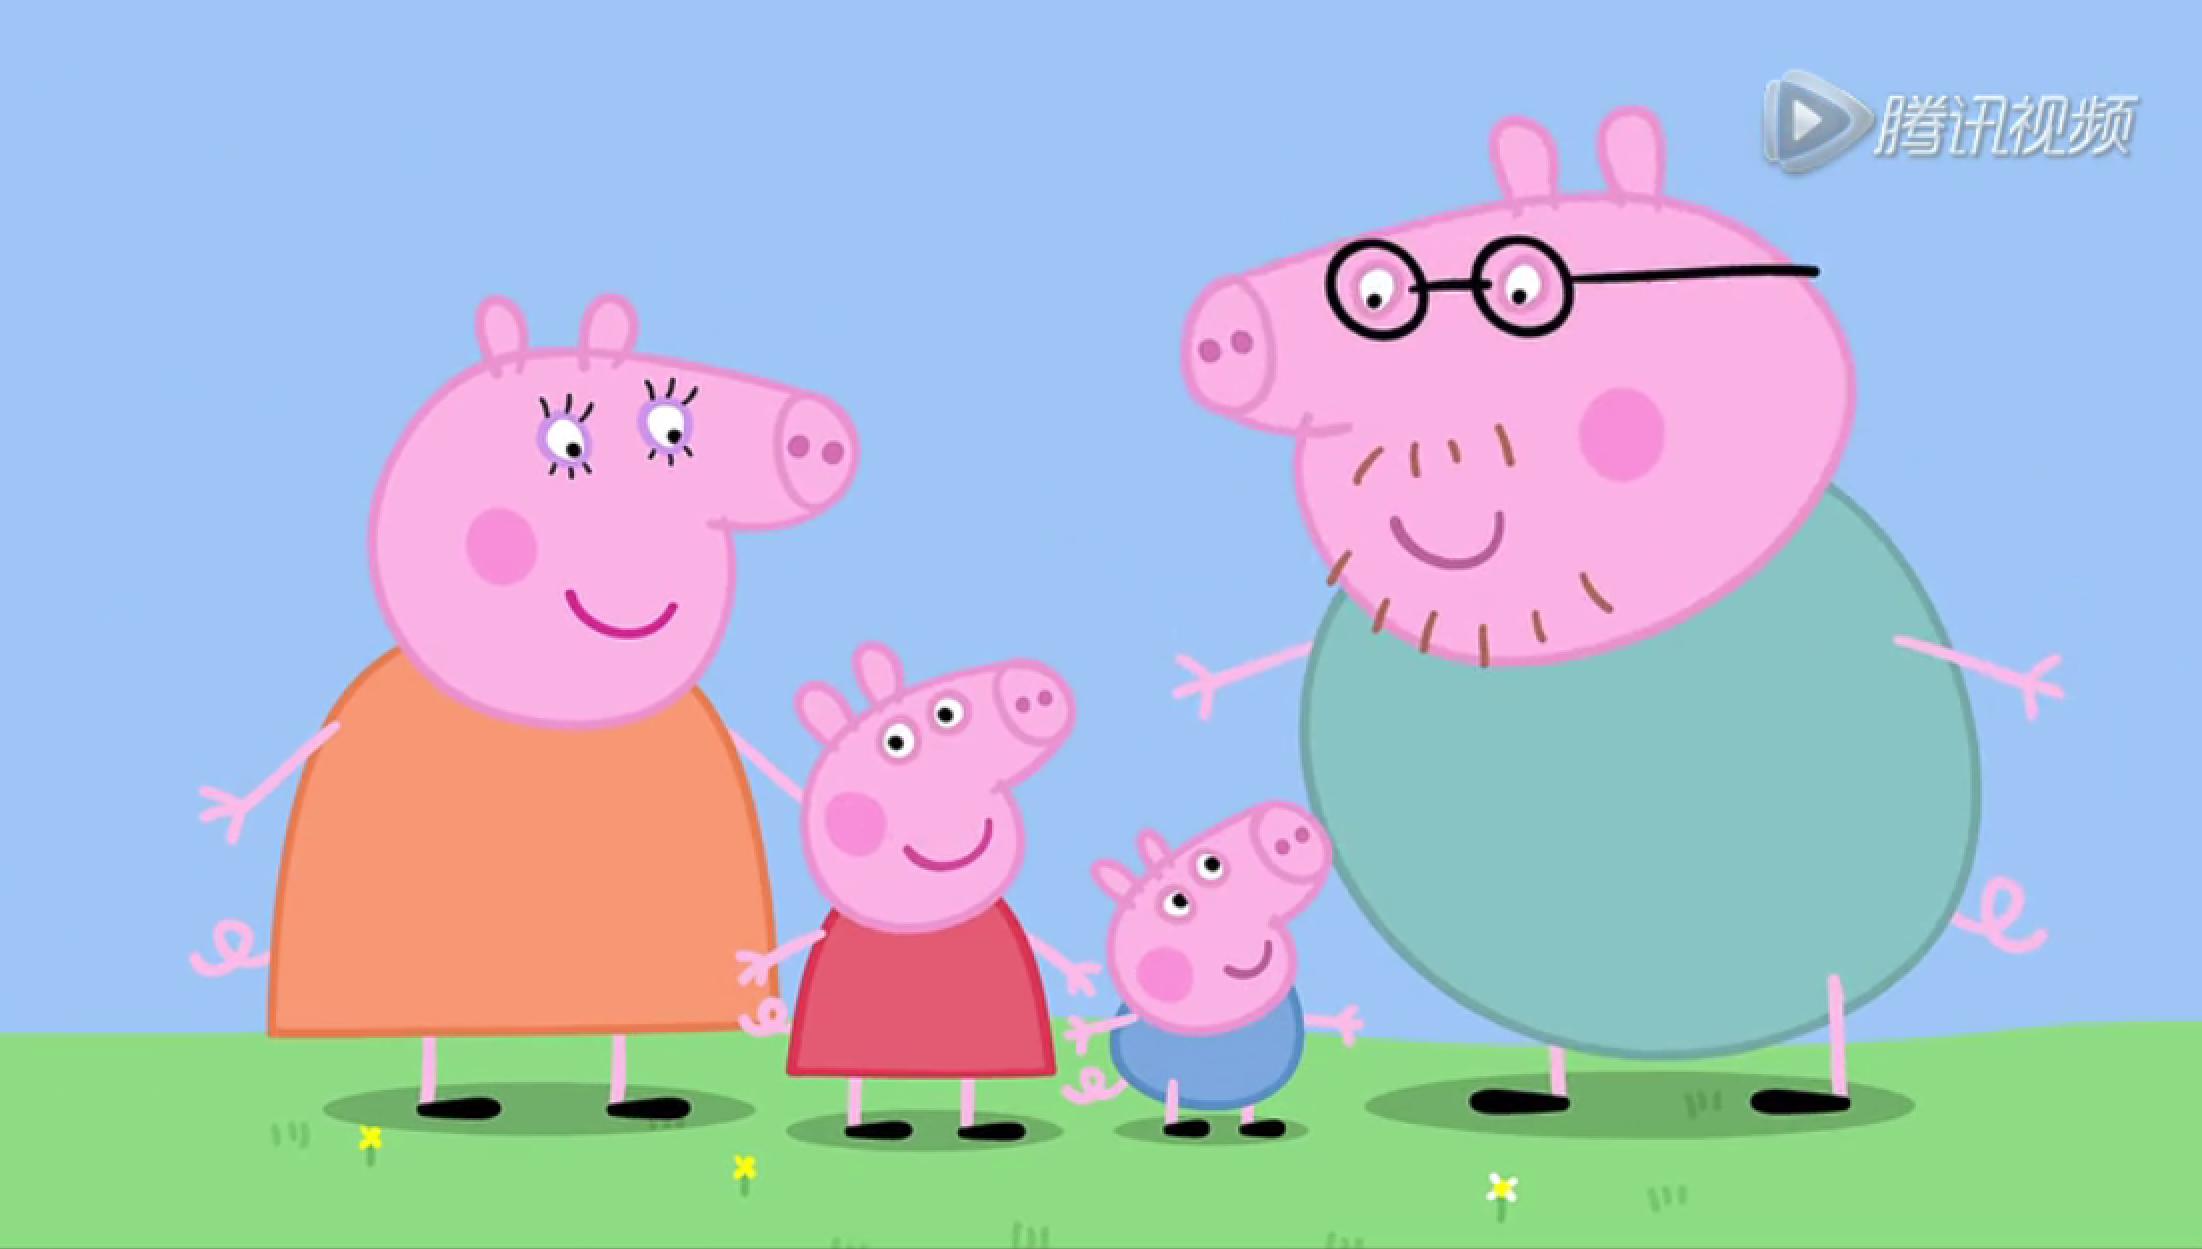 猪妈妈_无论大人小孩,都被这只粉红猪小妹圈粉